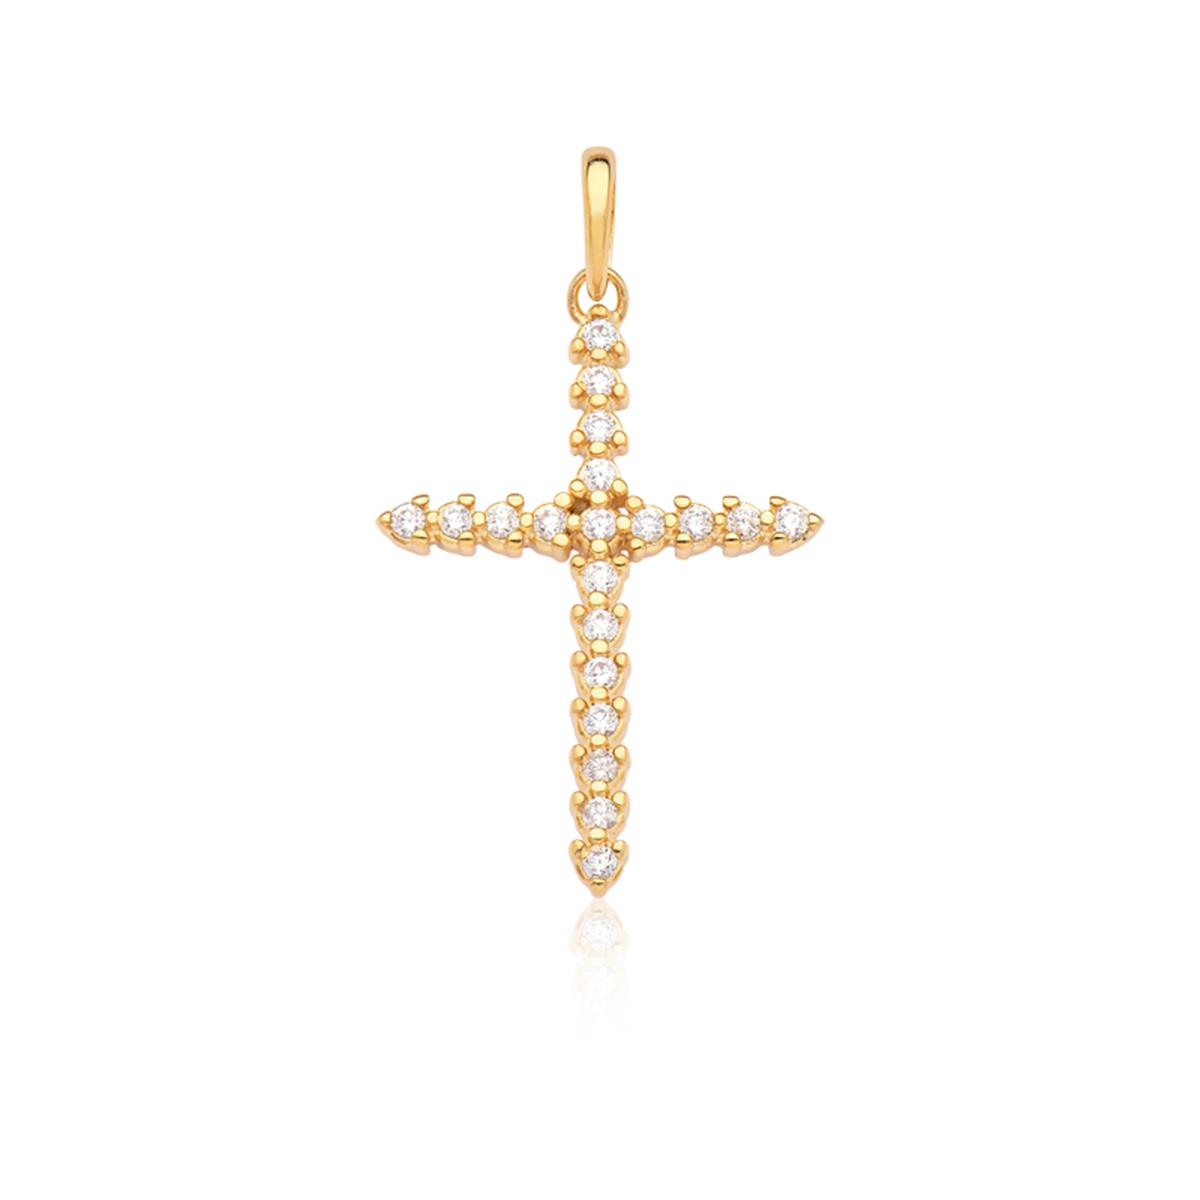 Pingente Cruz Cravejada Com Zircônia Branca Folheado Em Ouro